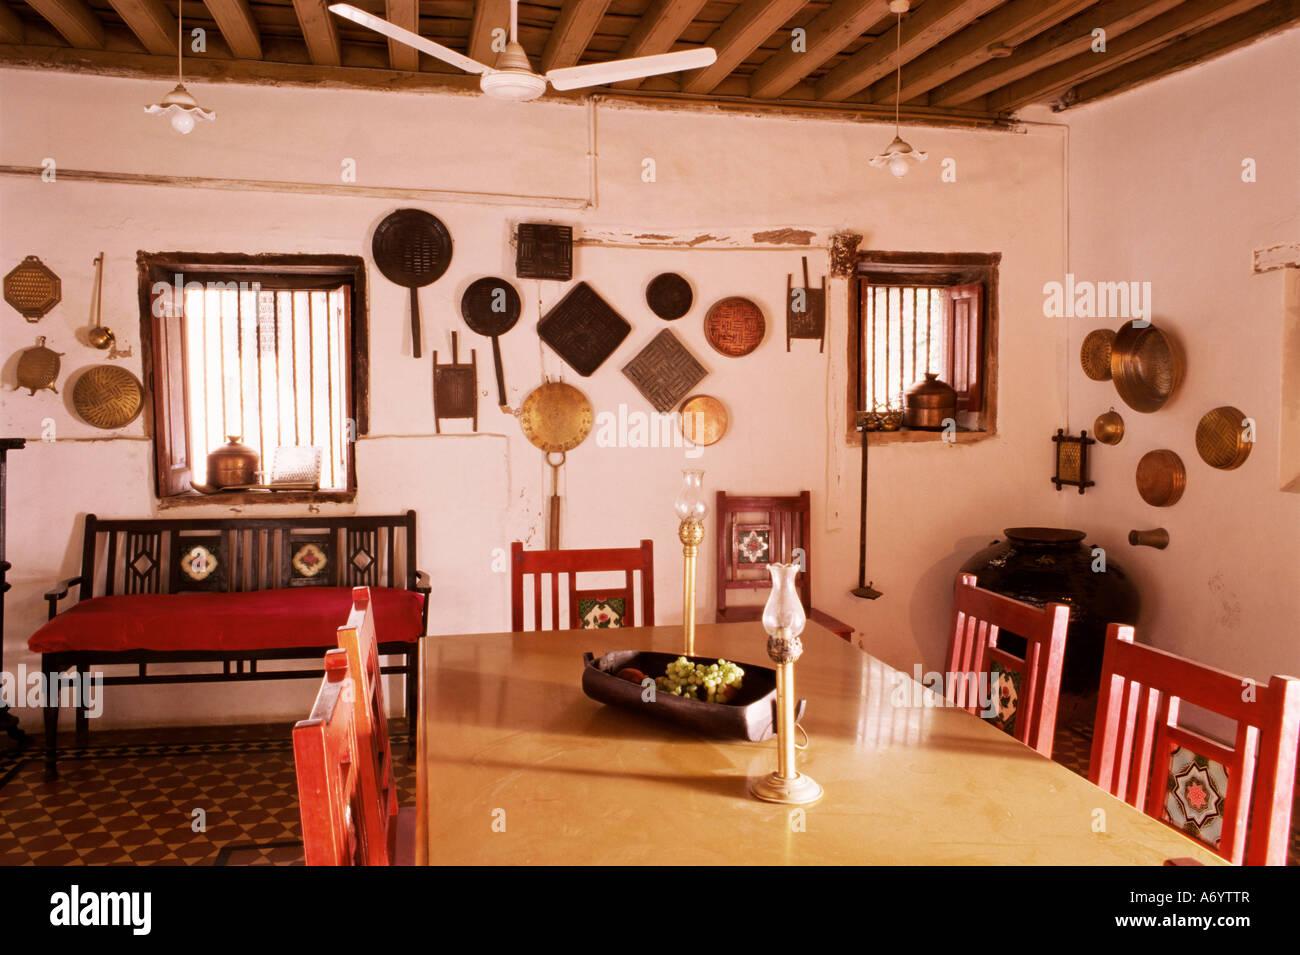 Holz Holzbalken Decke und Küchenutensilien auf Wand im Essbereich im ...